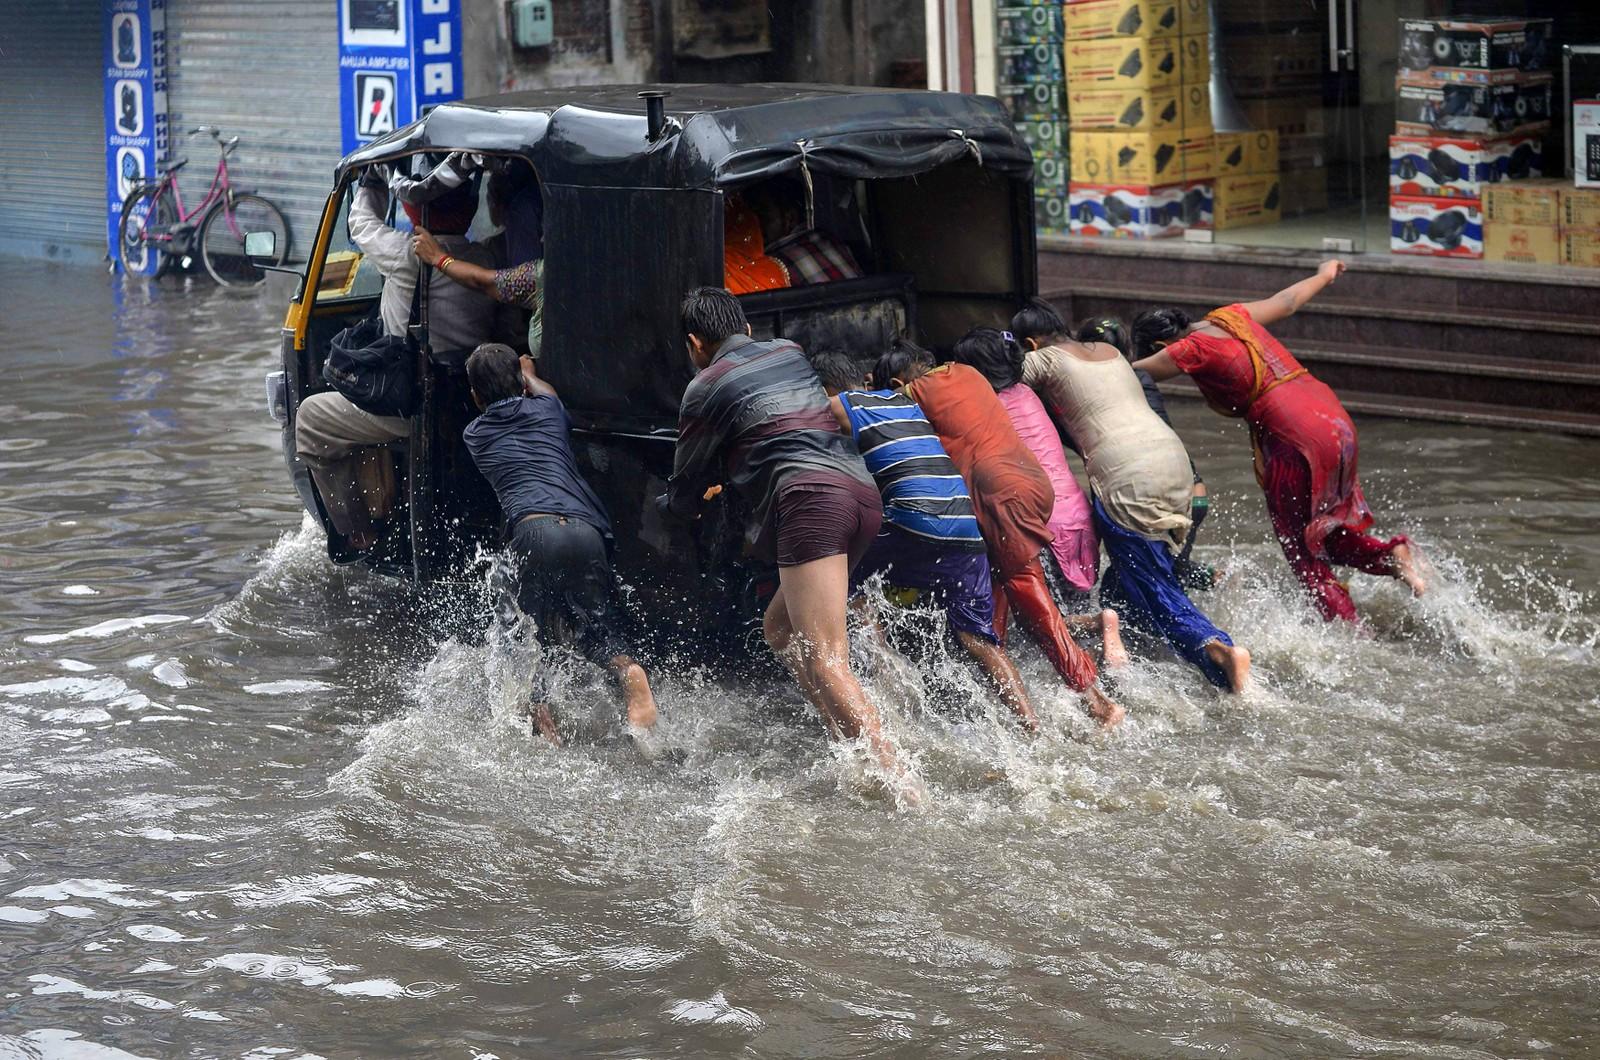 En rickshaw får hjelp av flere hender i den indiske byen Jalandhar.